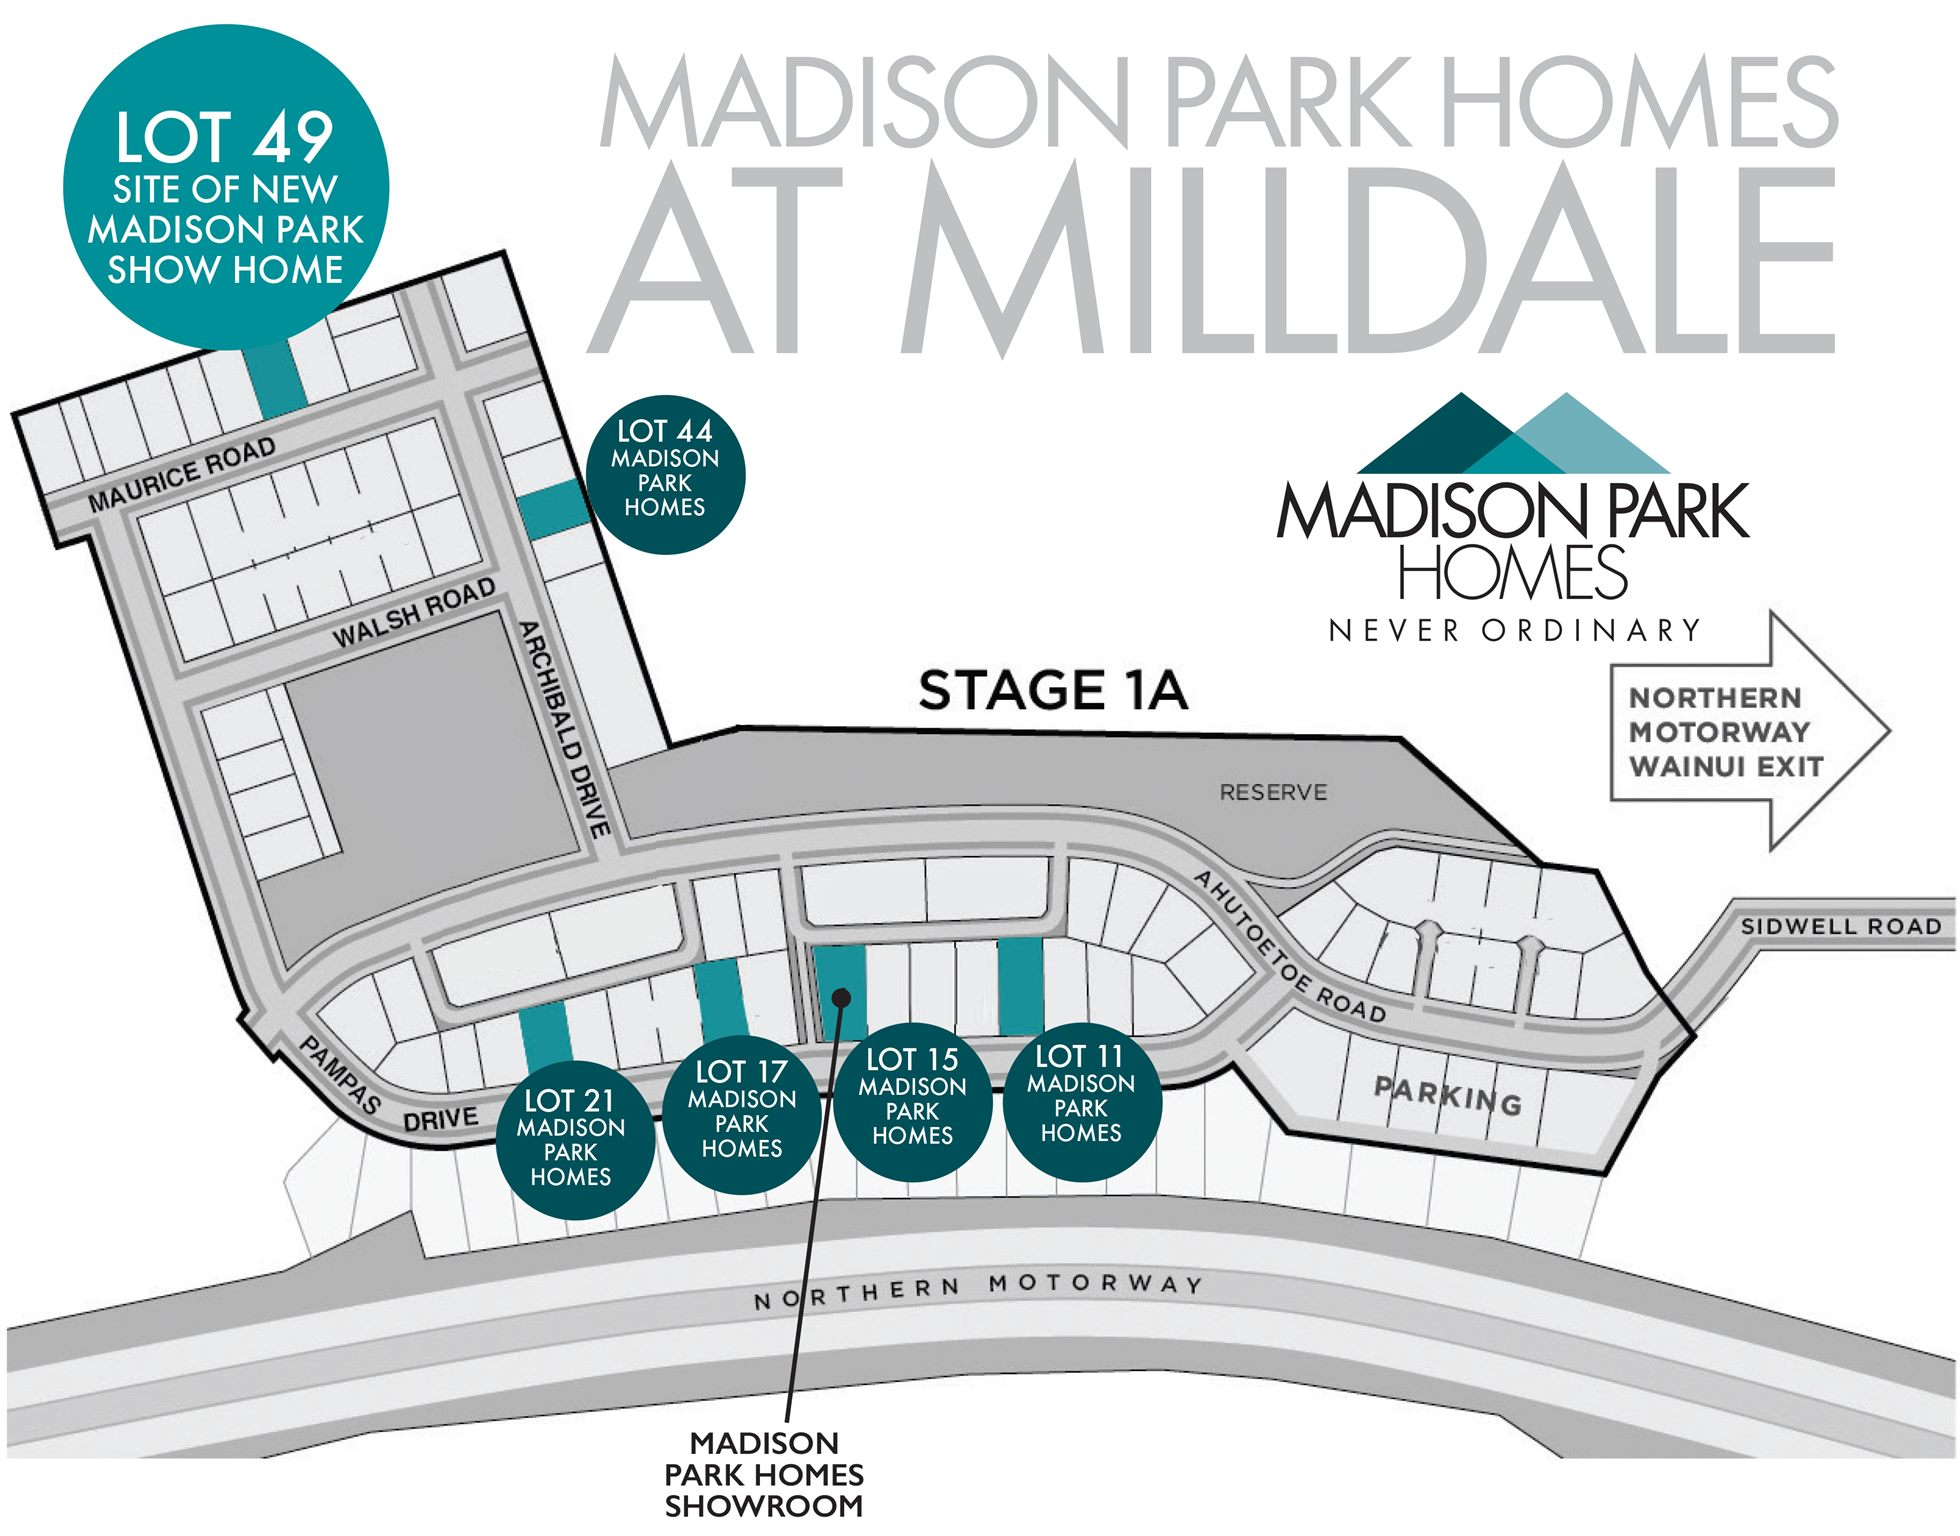 Lot 44 - Milldale